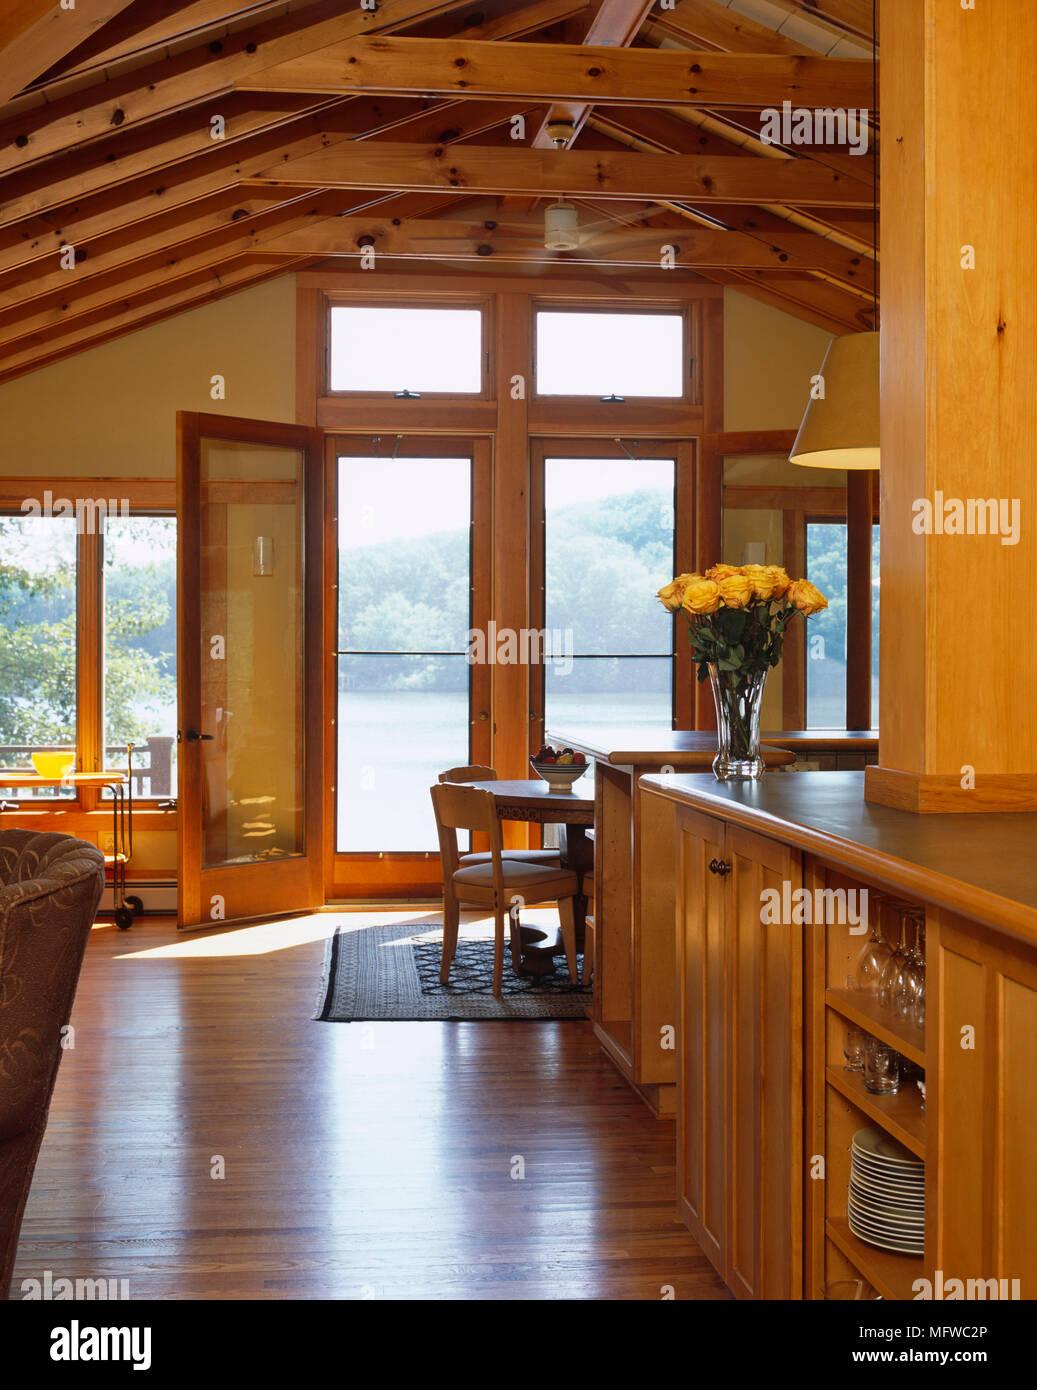 Holz Ausgestattet Im Landhausstil Zimmer Mit Deckenbalken Stockfoto